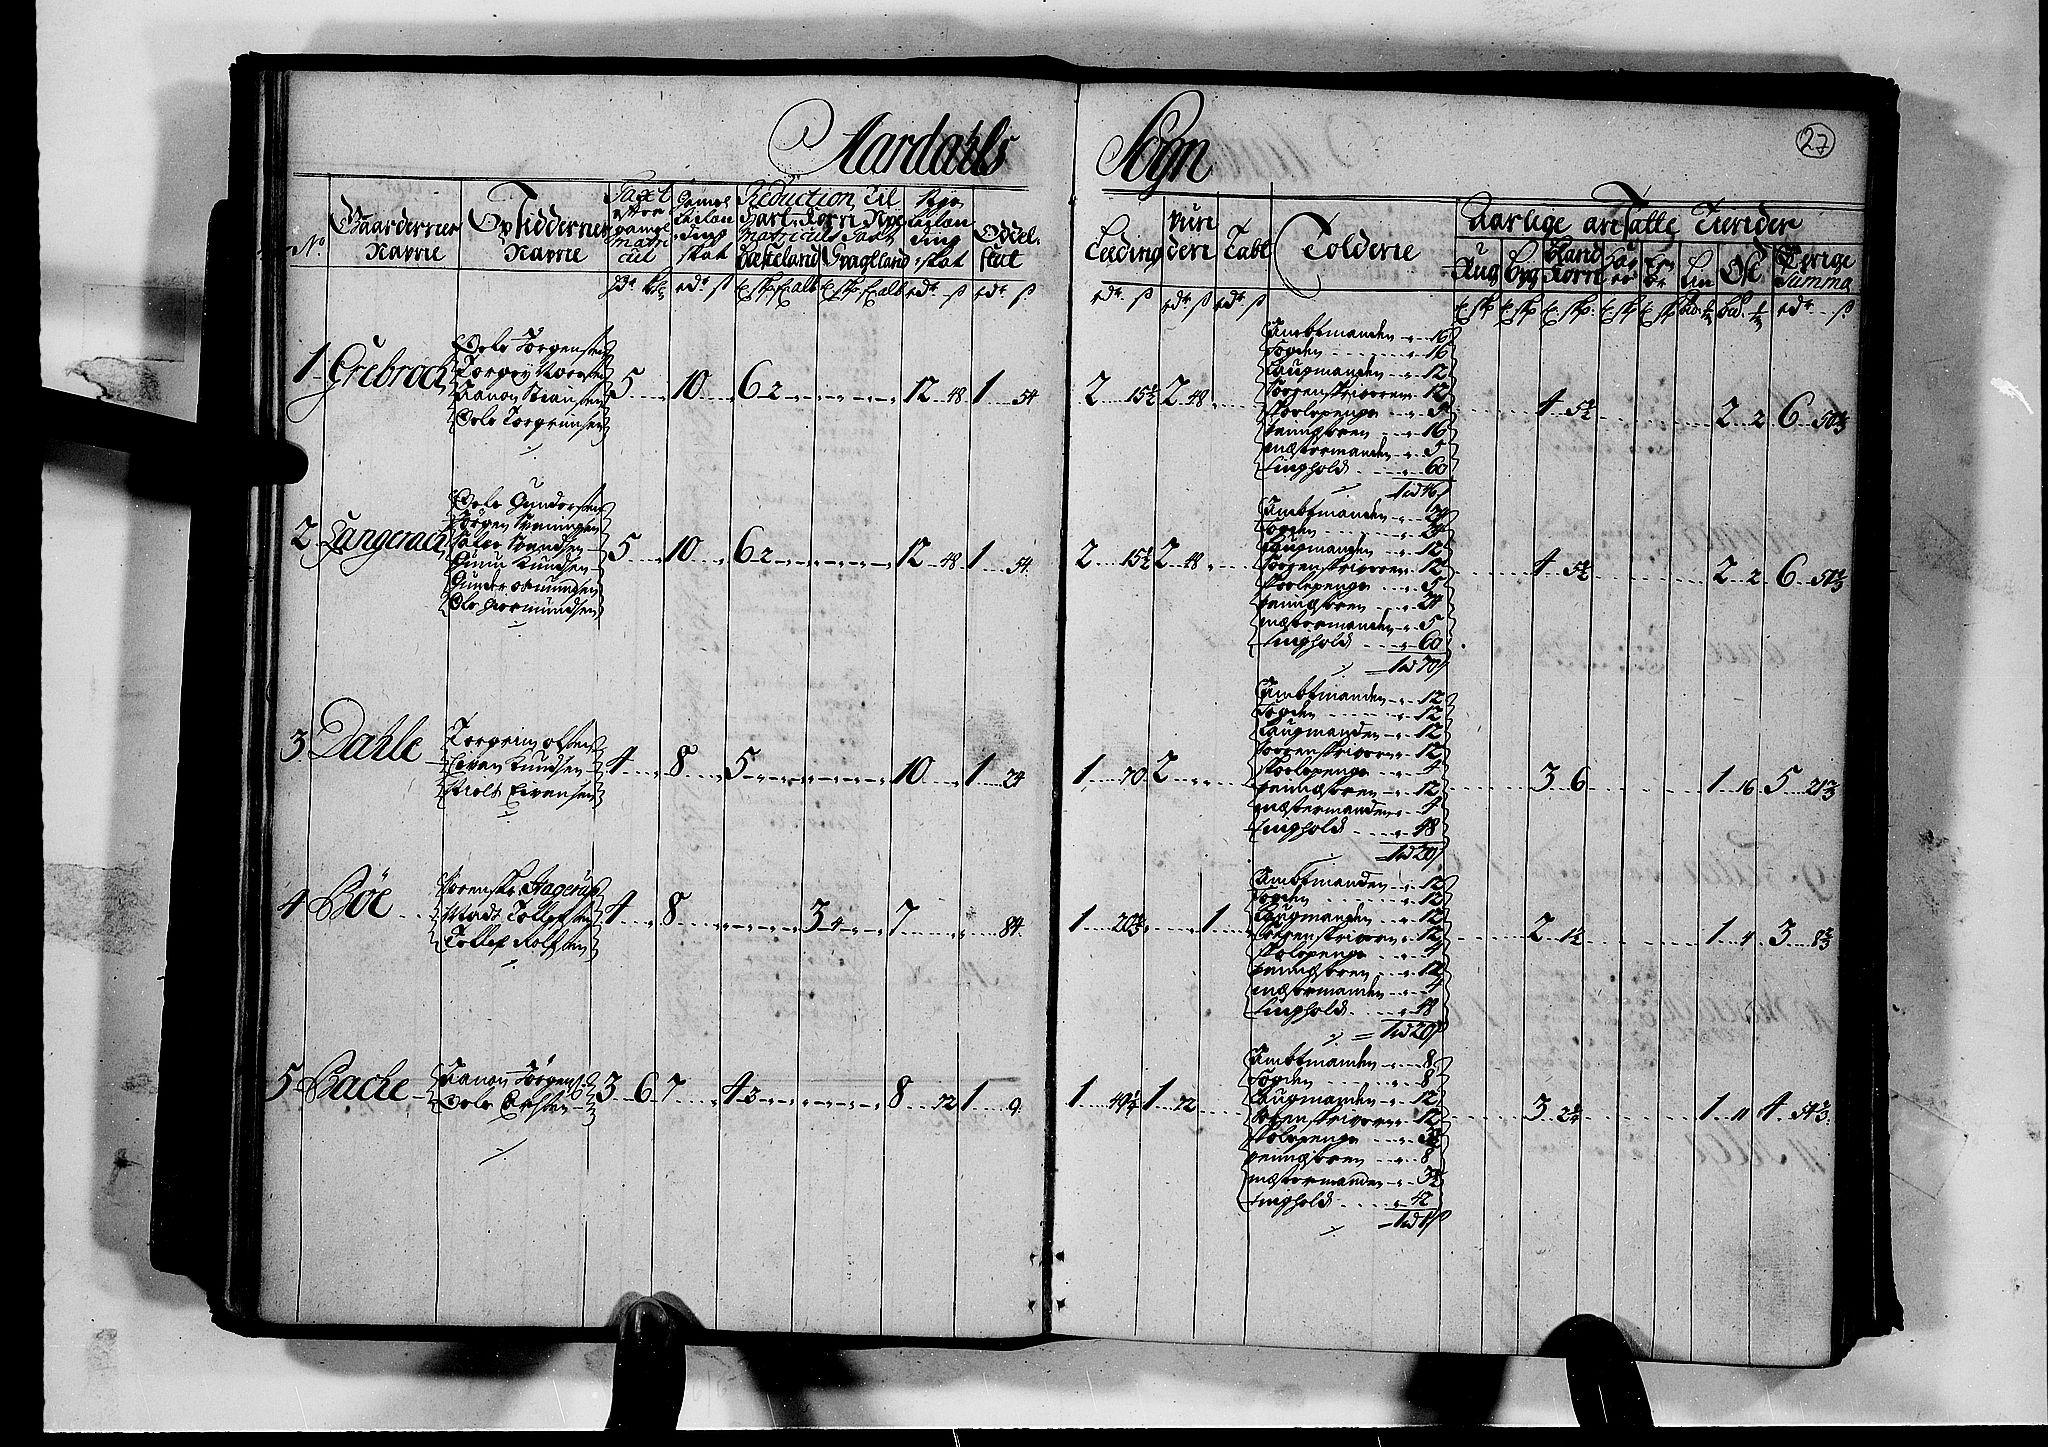 RA, Rentekammeret inntil 1814, Realistisk ordnet avdeling, N/Nb/Nbf/L0126: Råbyggelag matrikkelprotokoll, 1723, s. 26b-27a